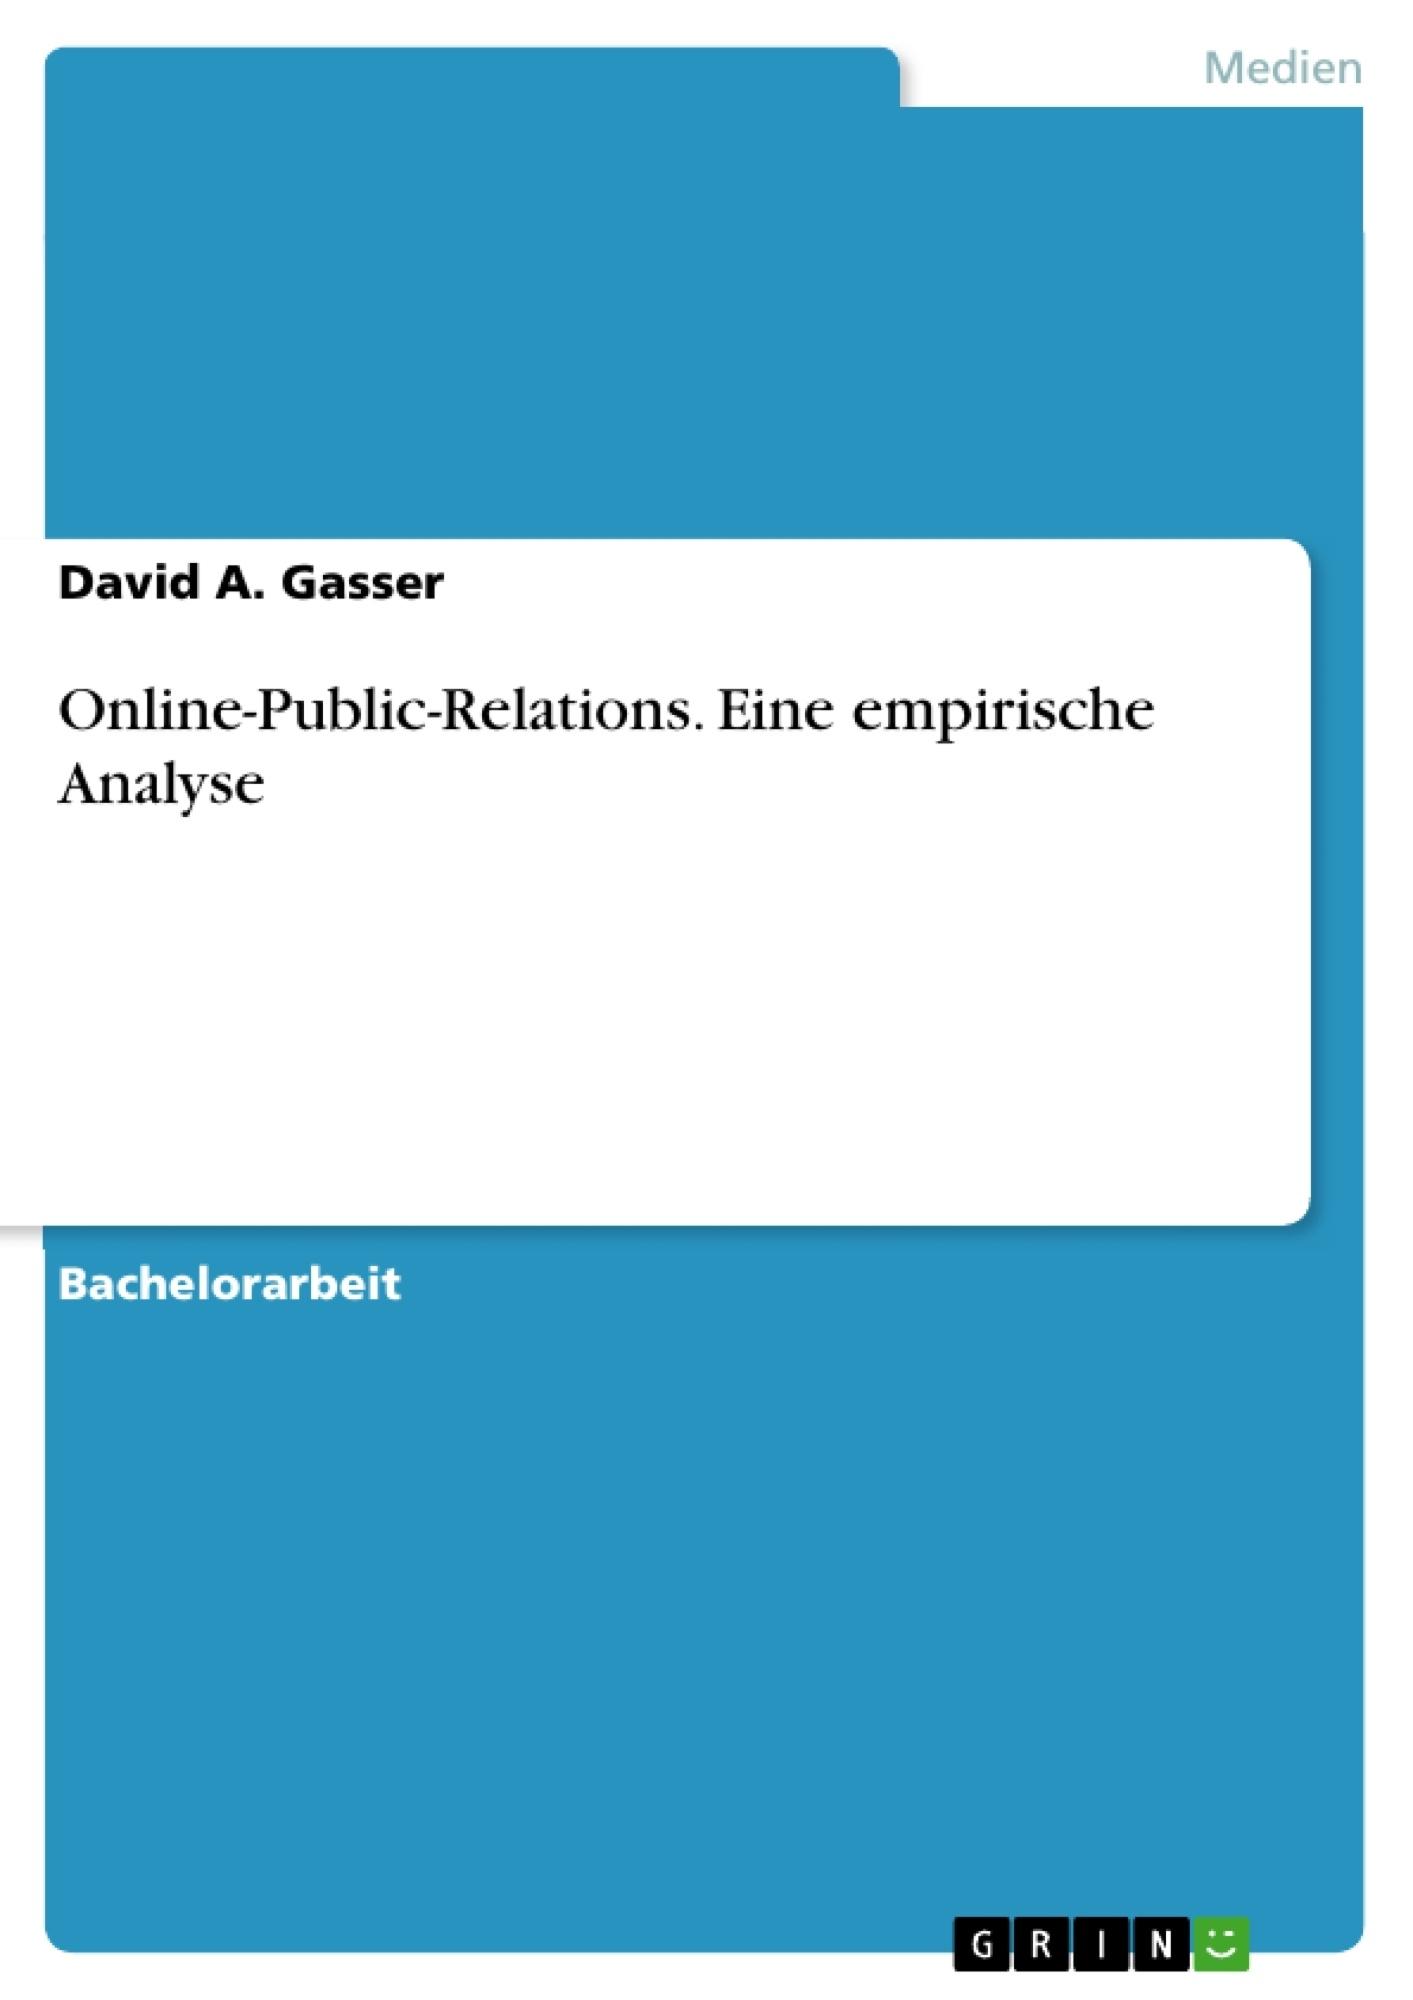 Titel: Online-Public-Relations. Eine empirische Analyse